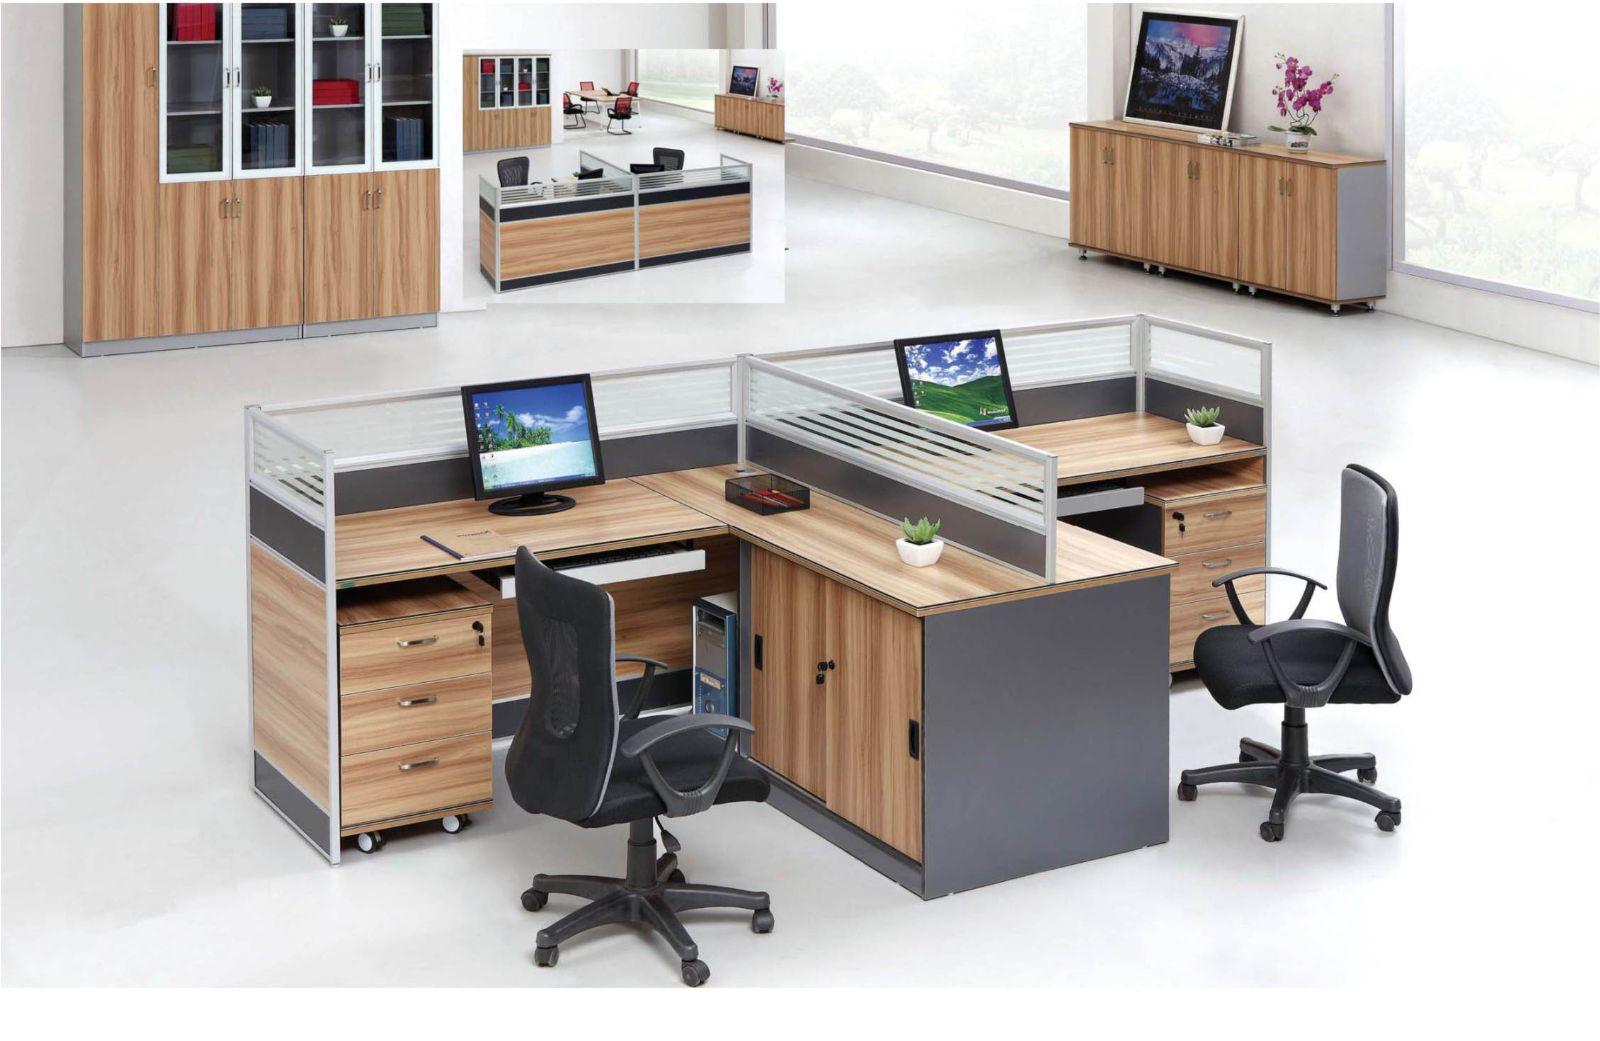 厦门办公家具职员办公桌屏风工作位时尚组合桌简约现代办公桌